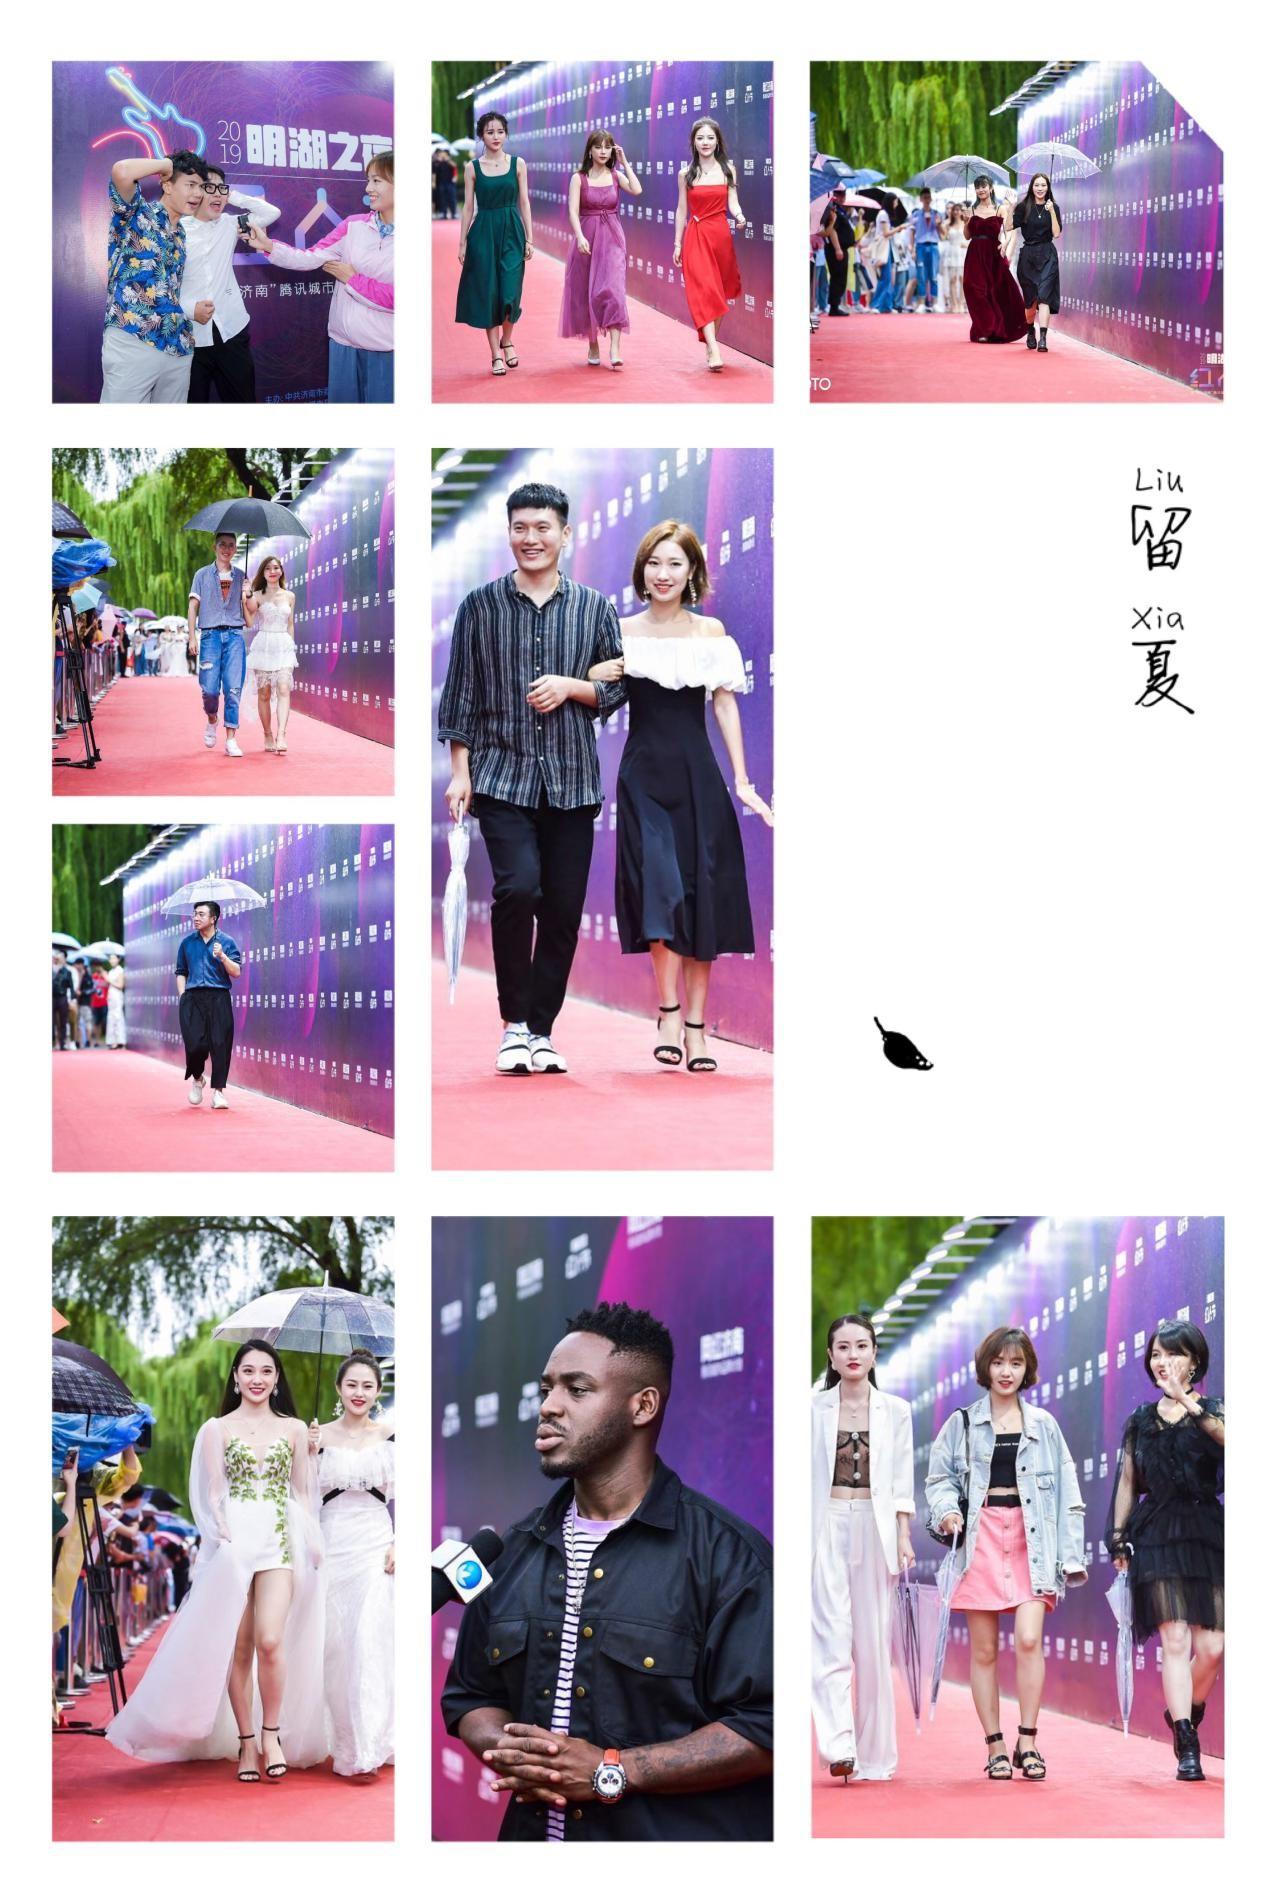 """""""明湖之夜红人节""""掀起""""网红济南""""腾讯城市品牌计划新篇章"""